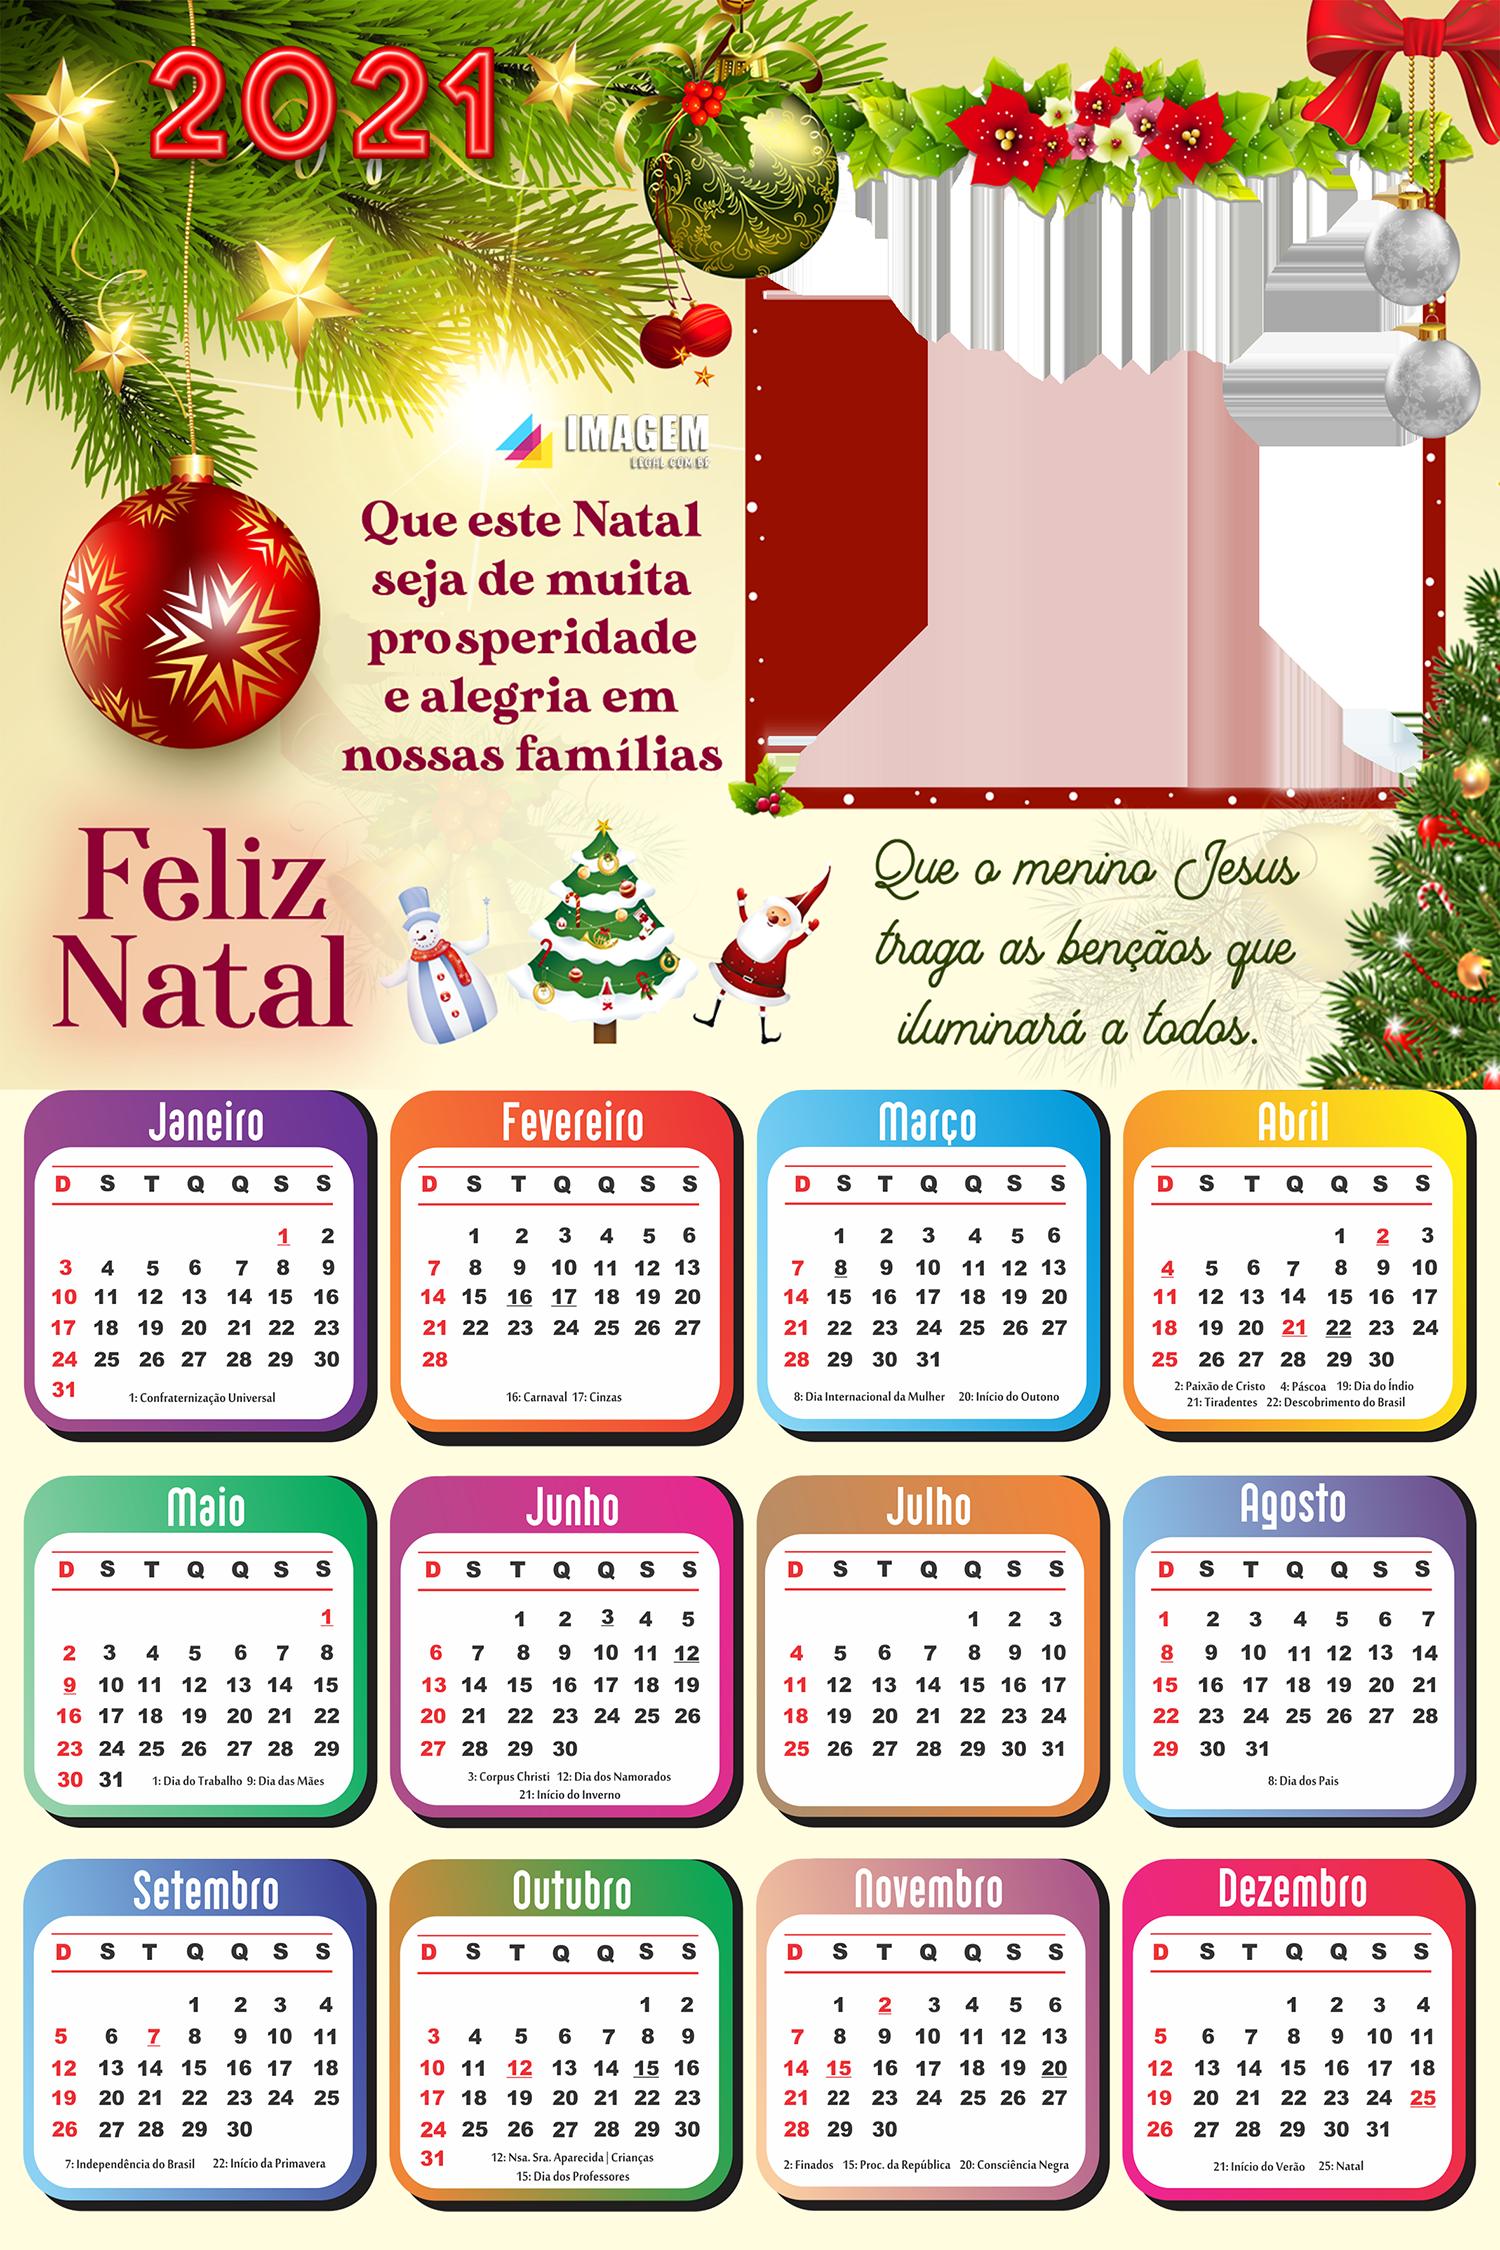 Calendário 2021 Que este Natal seja de muita prosperidade